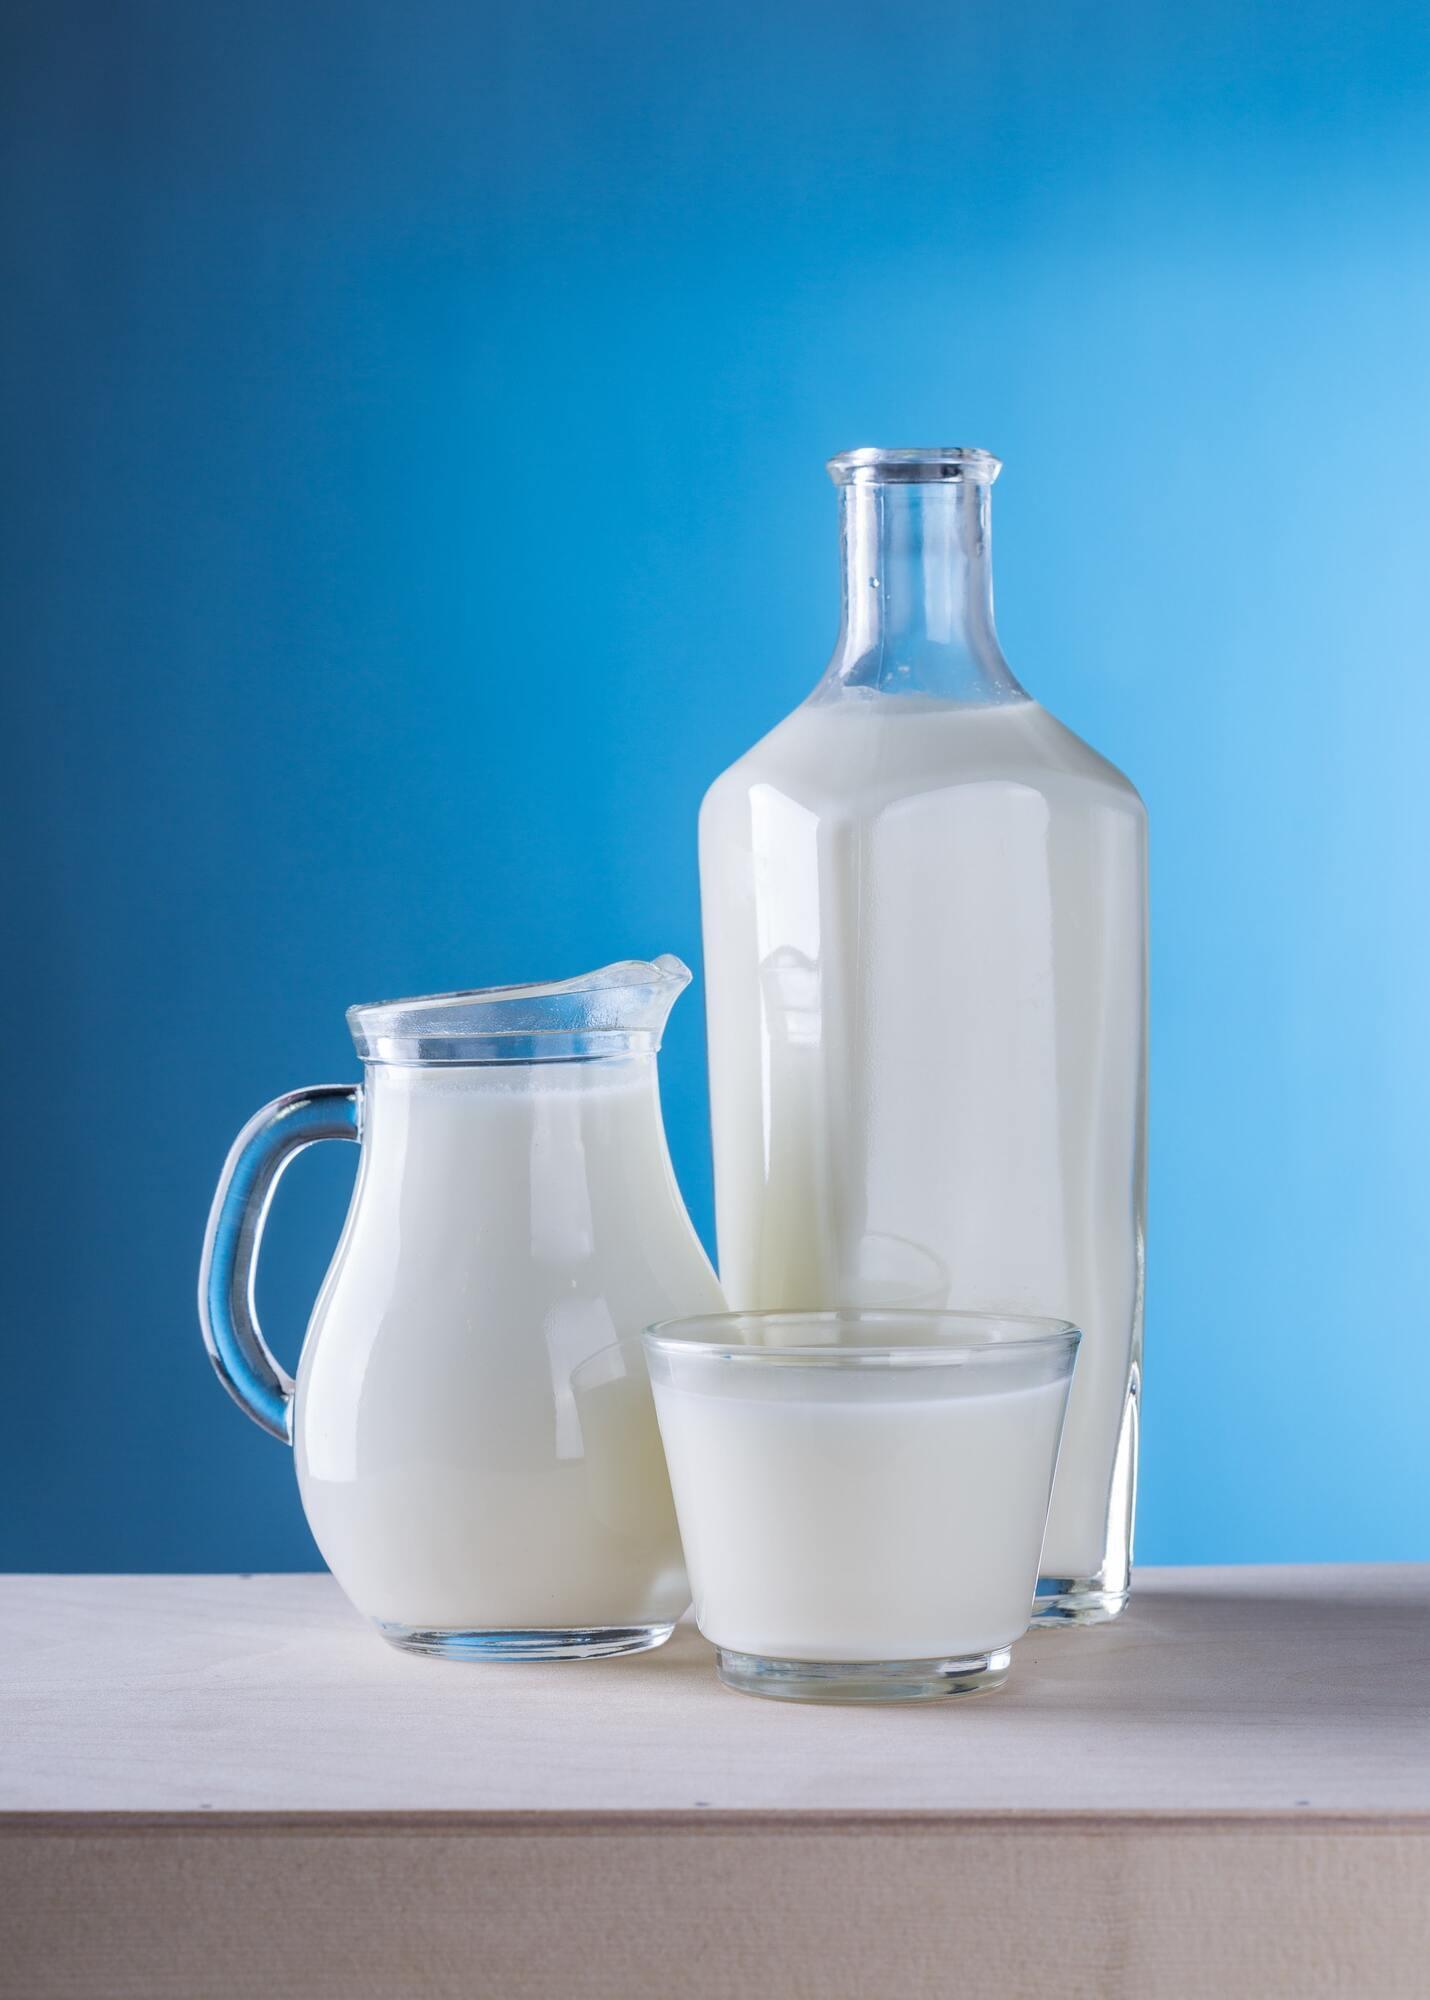 Молочні продукти не підходять для маринування м'яса